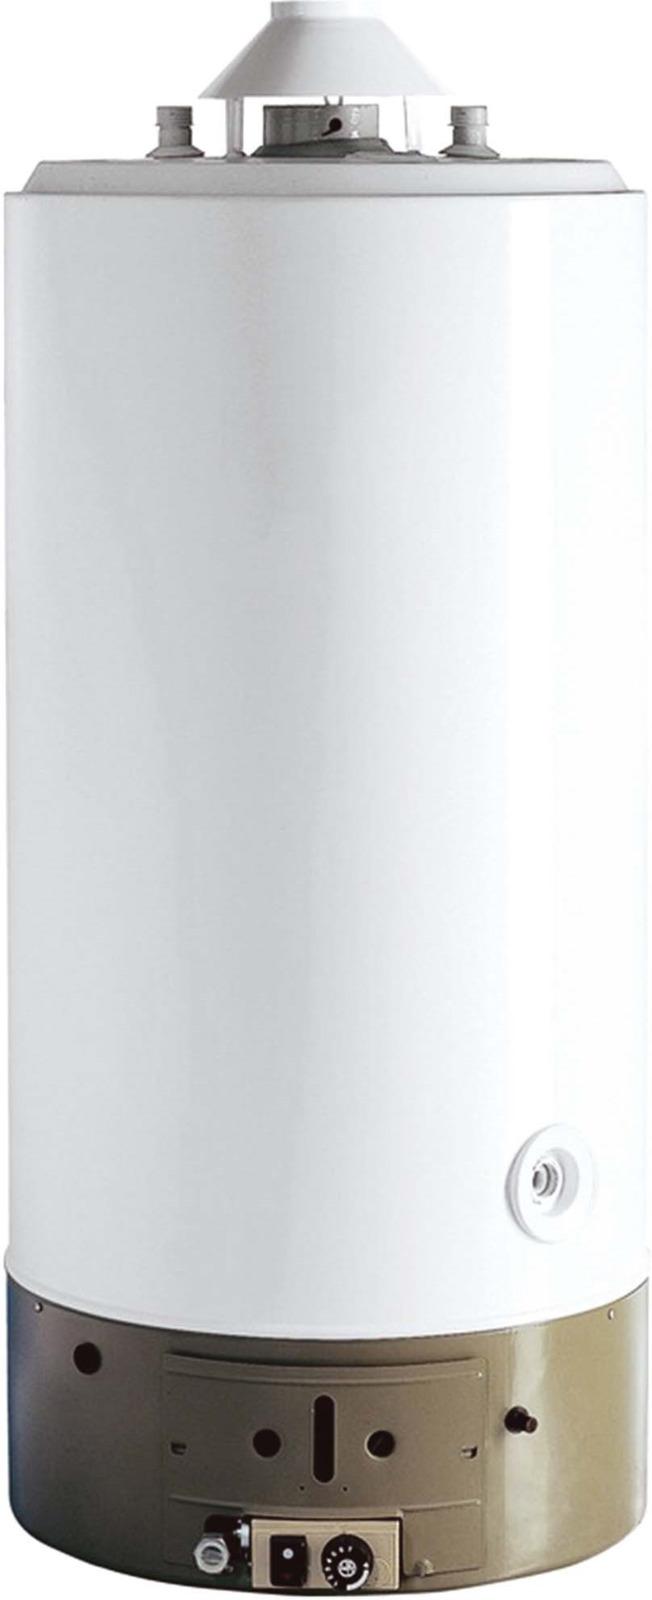 Водонагреватель накопительный Ariston SGA 200, белый, 195 л